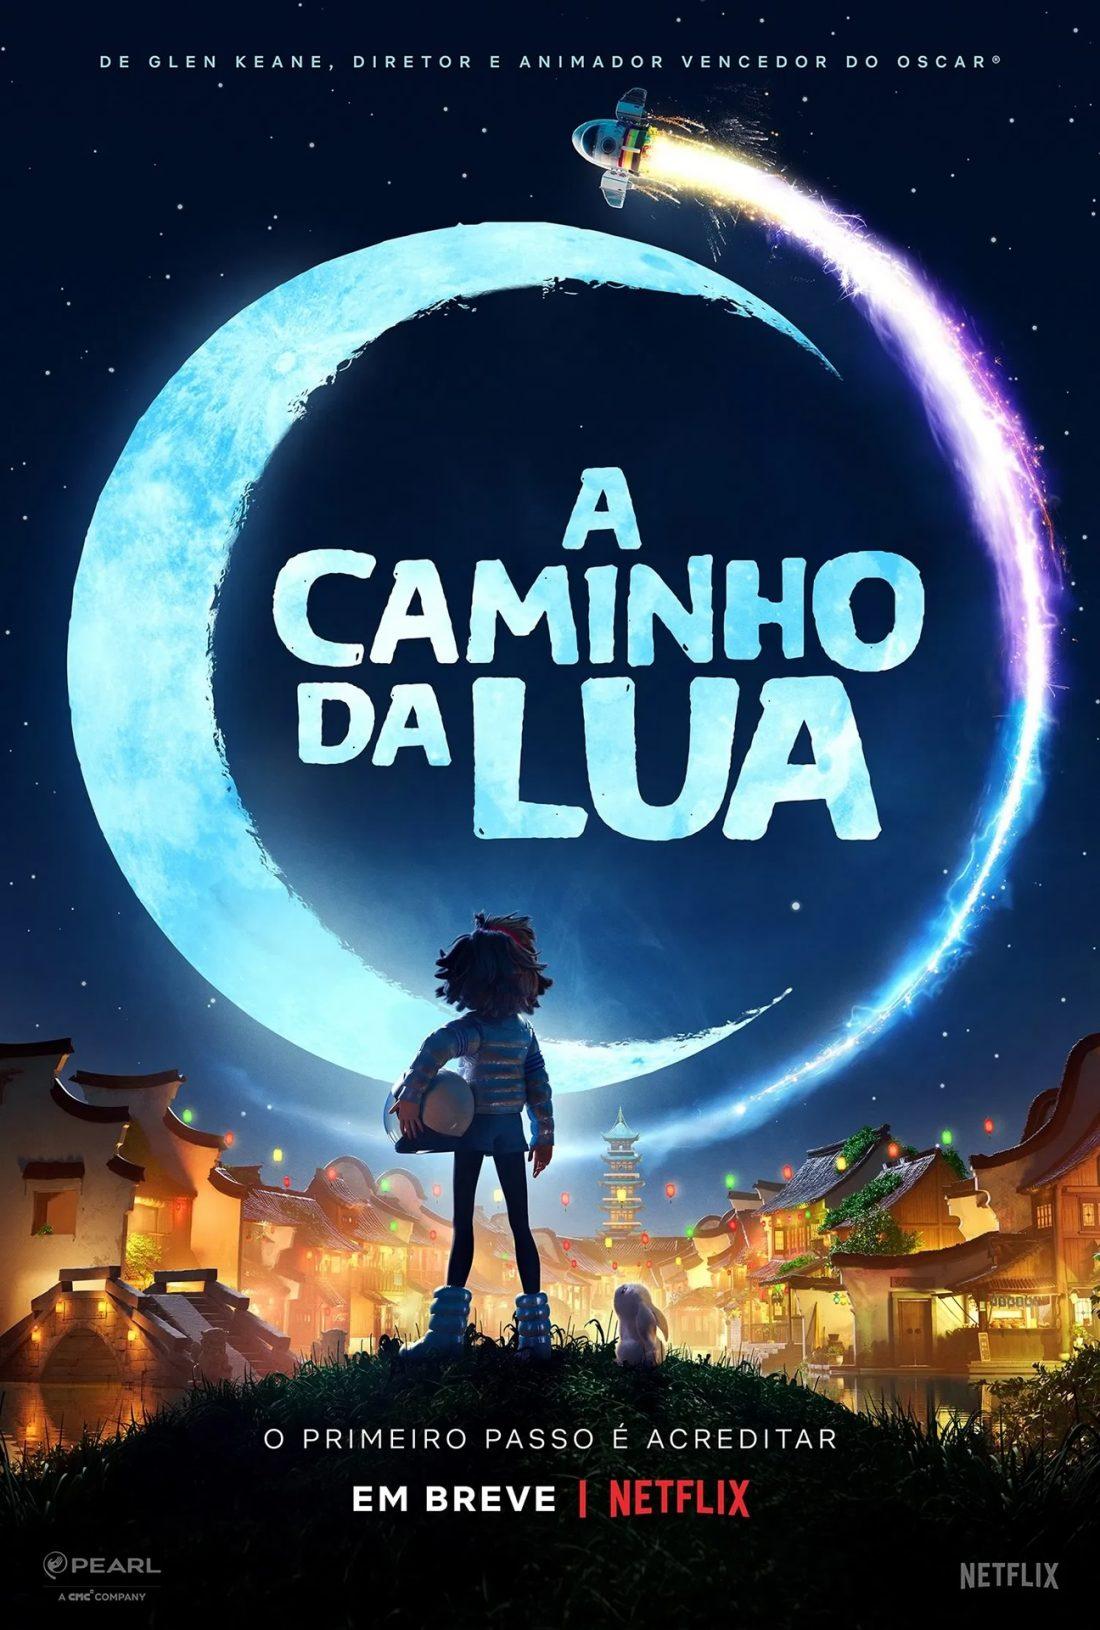 A CAMINHO DA LUA | Trailer da nova animação da Netflix dirigida por Glen Keane